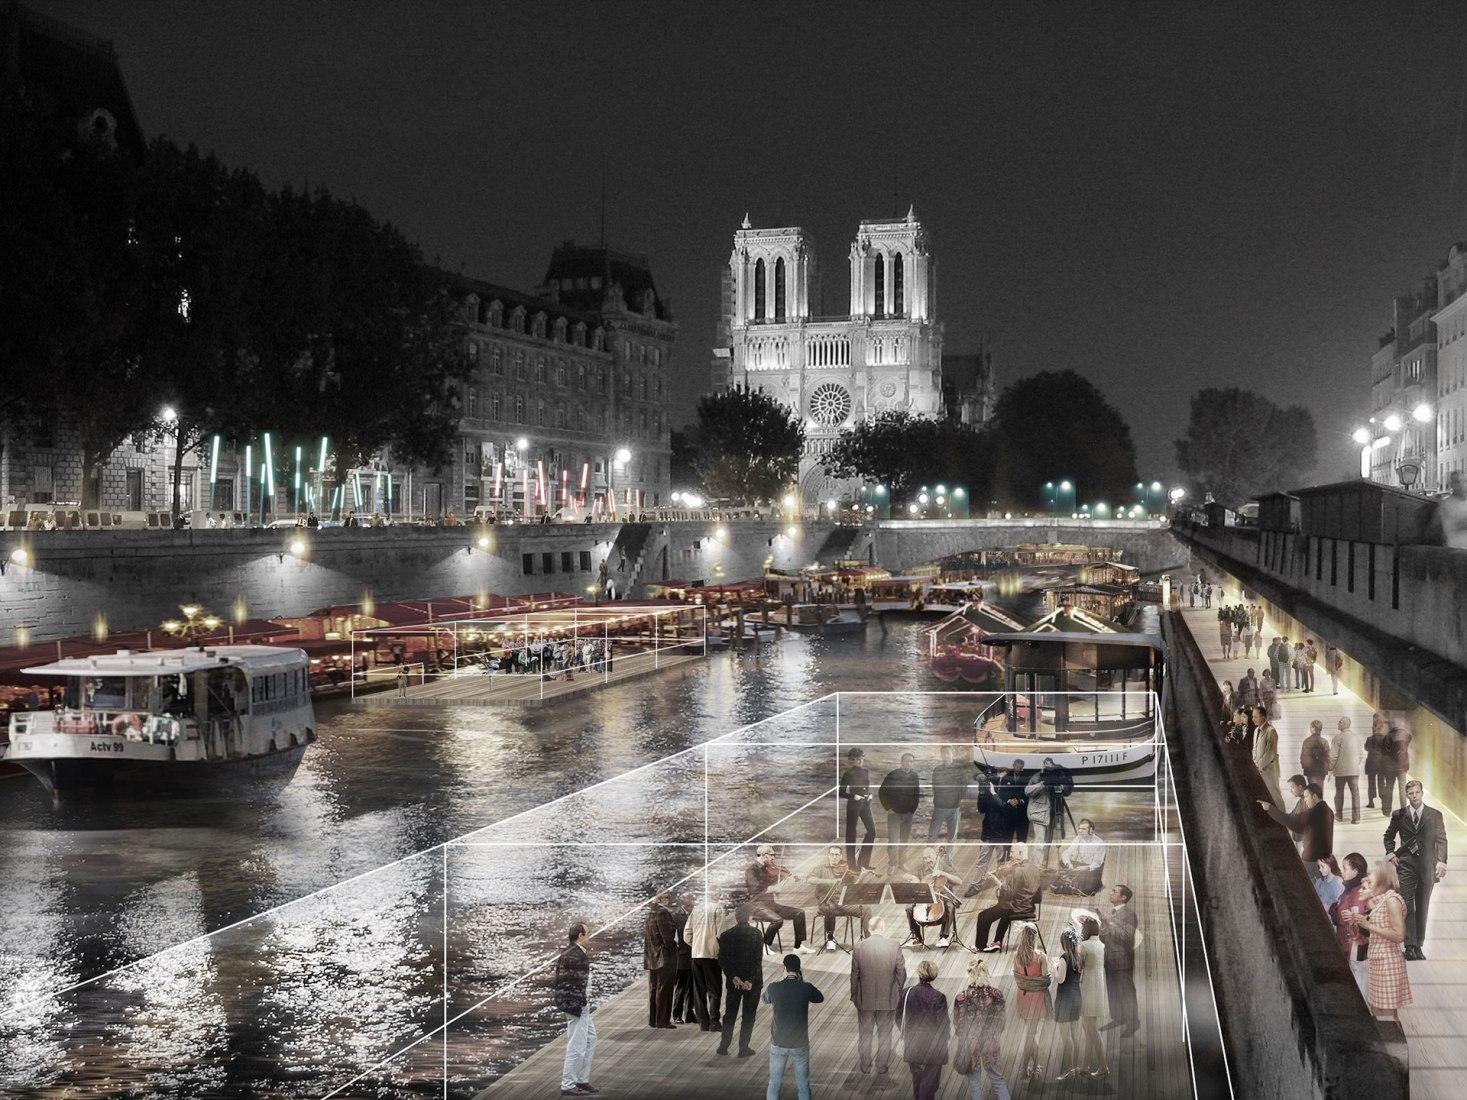 El reencuentro con el Sena. Imagen cortesía de © Dominique Perrault Architecture / DPA-ADAGP